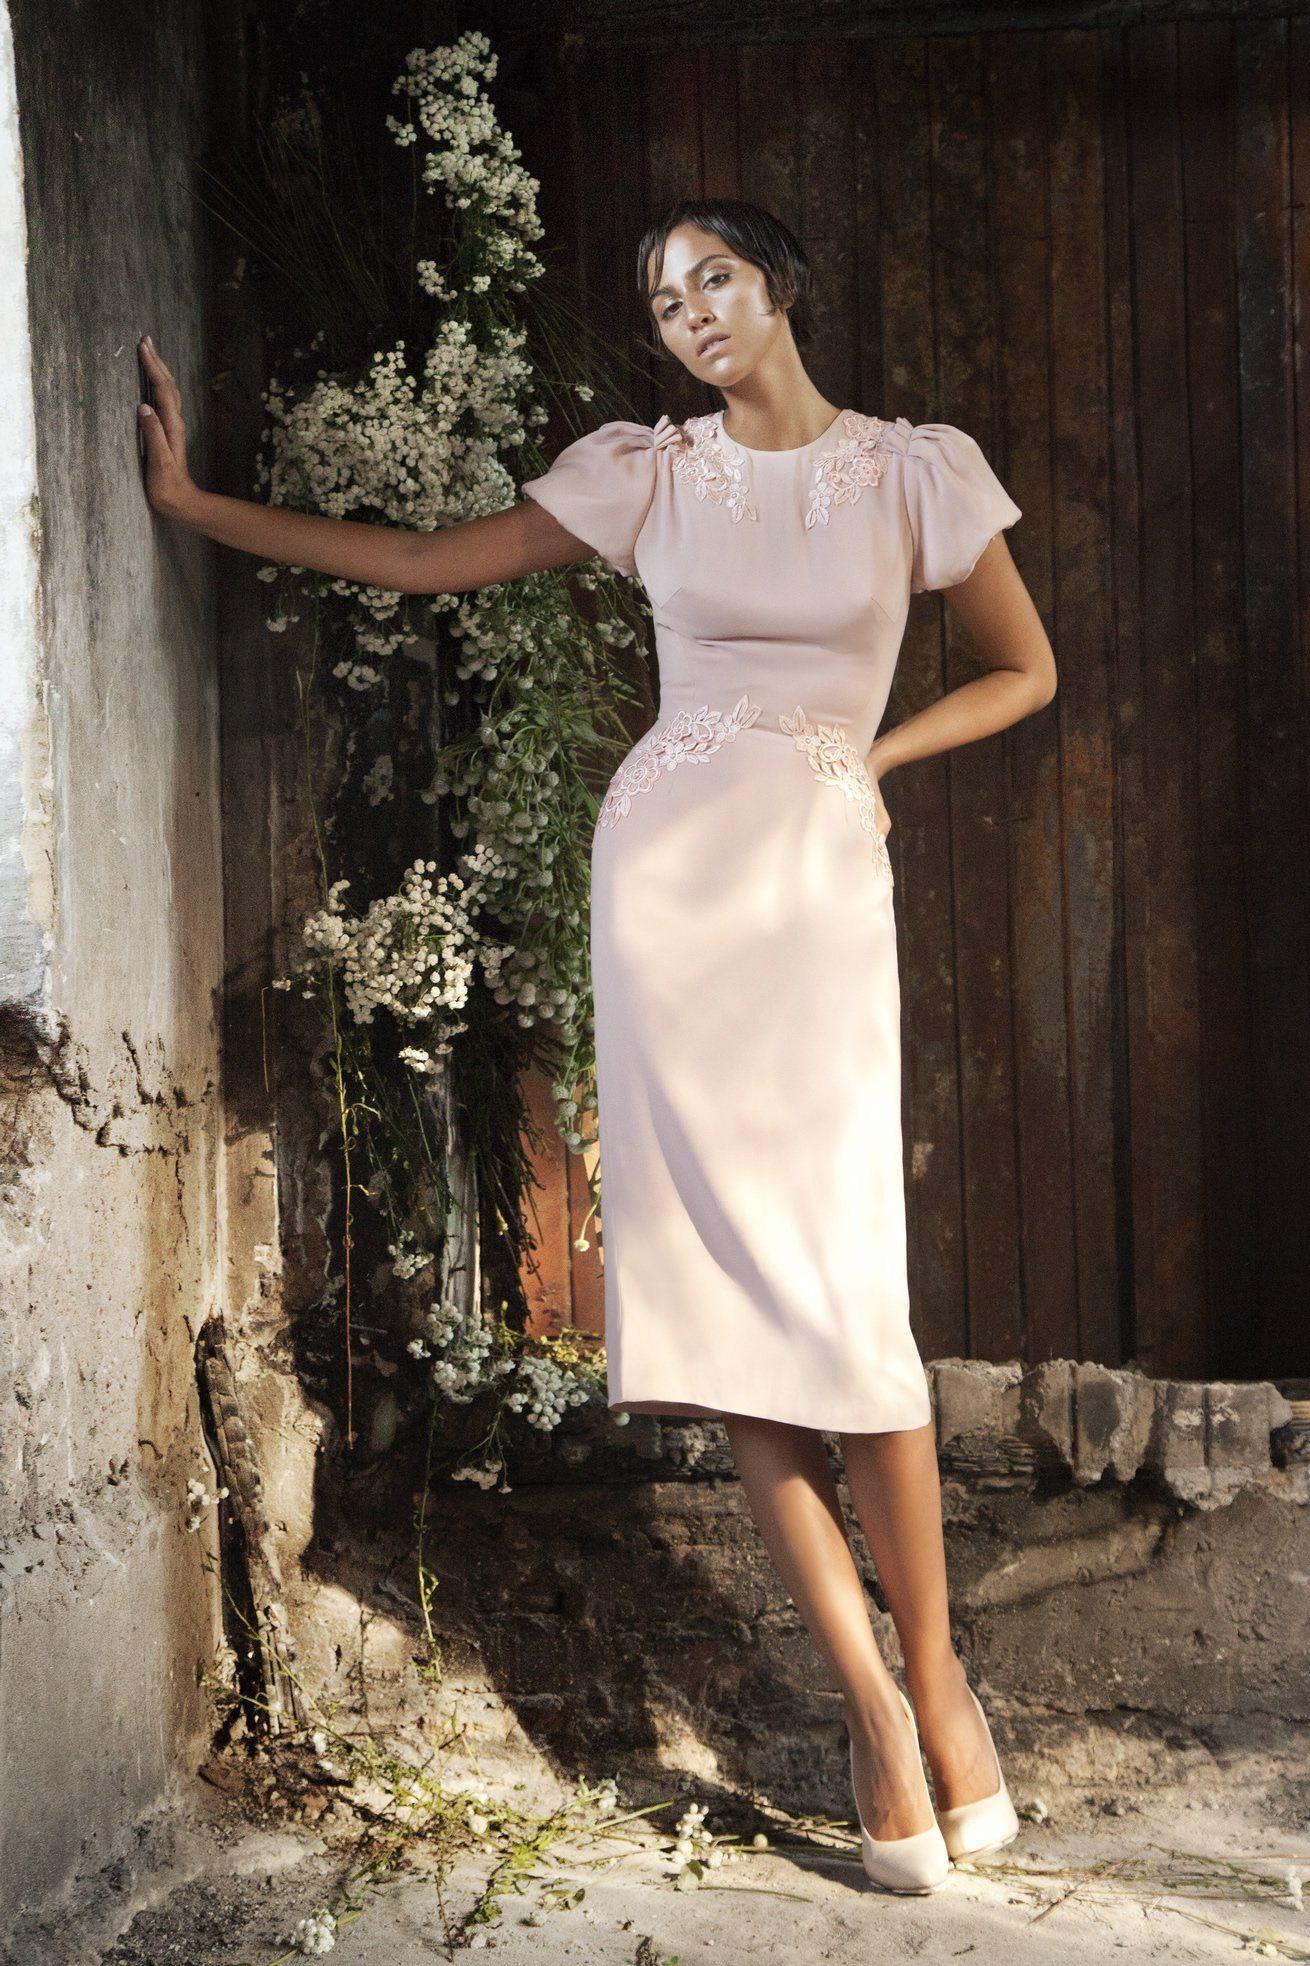 ae344be128e Вечерние и коктейльные нарядные платья недорого. Самые красивые женские  платья